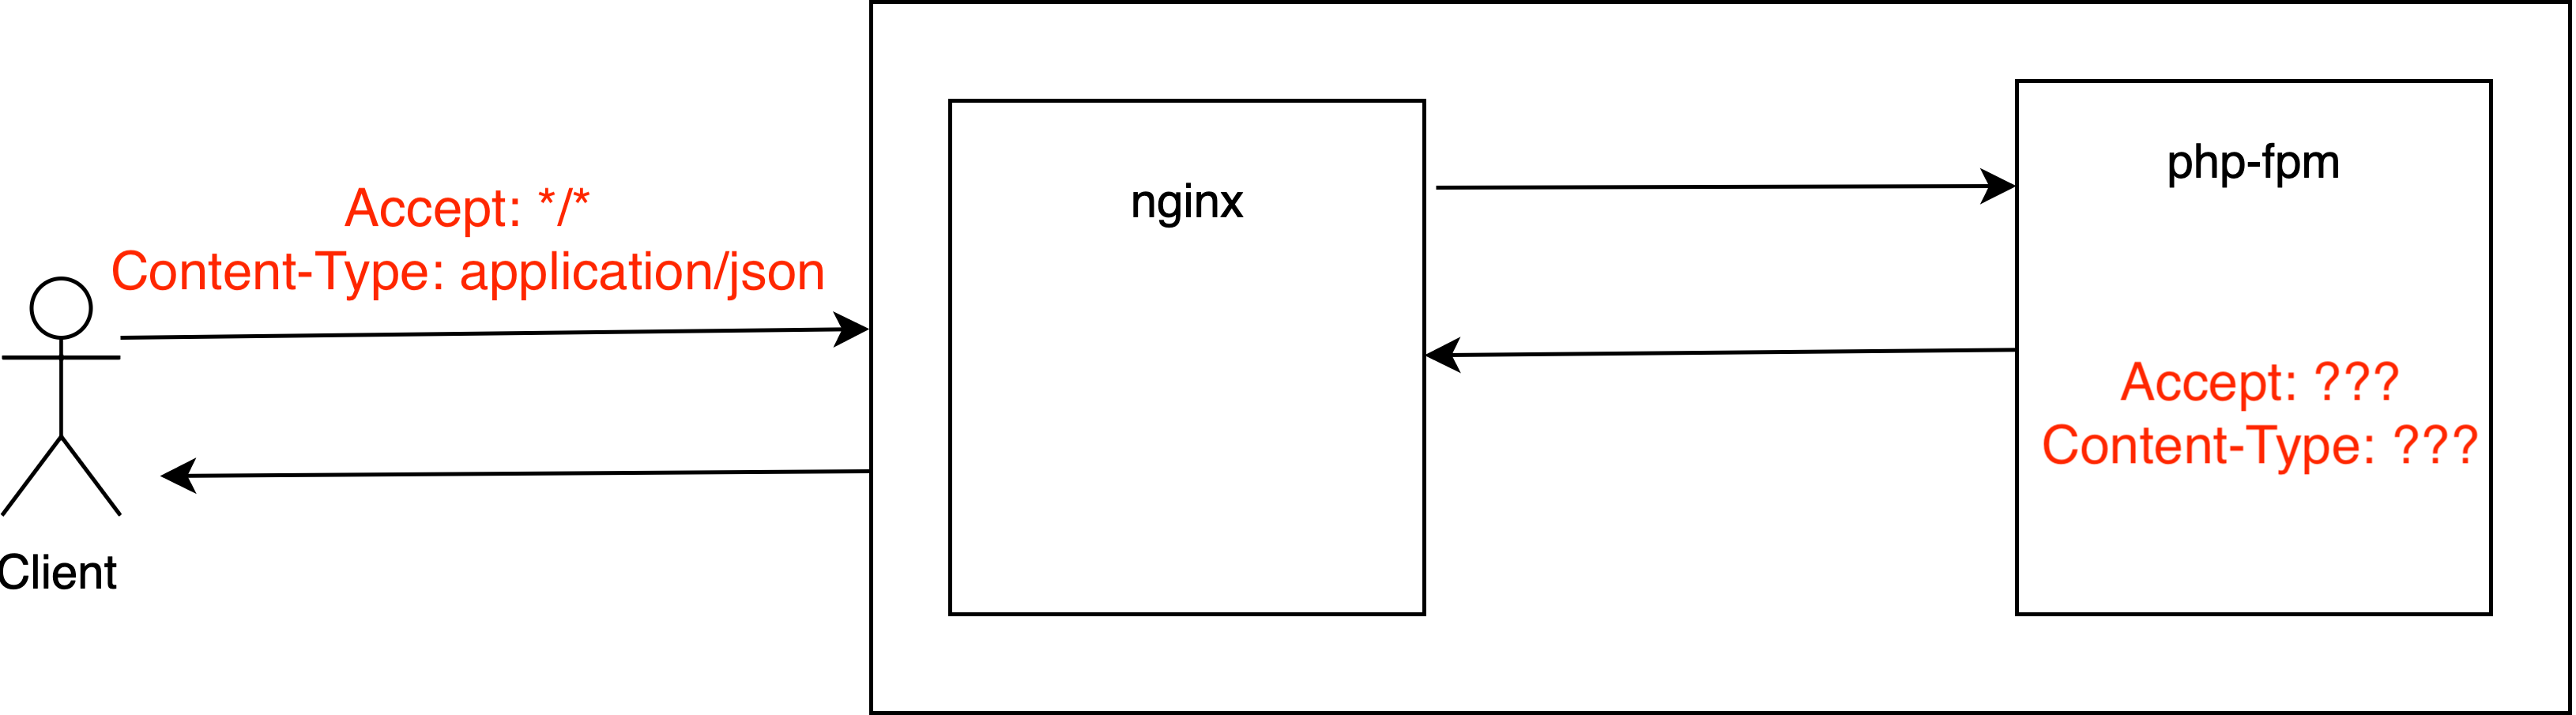 Откуда берется заголовок Content-Type nginx  php-fpm